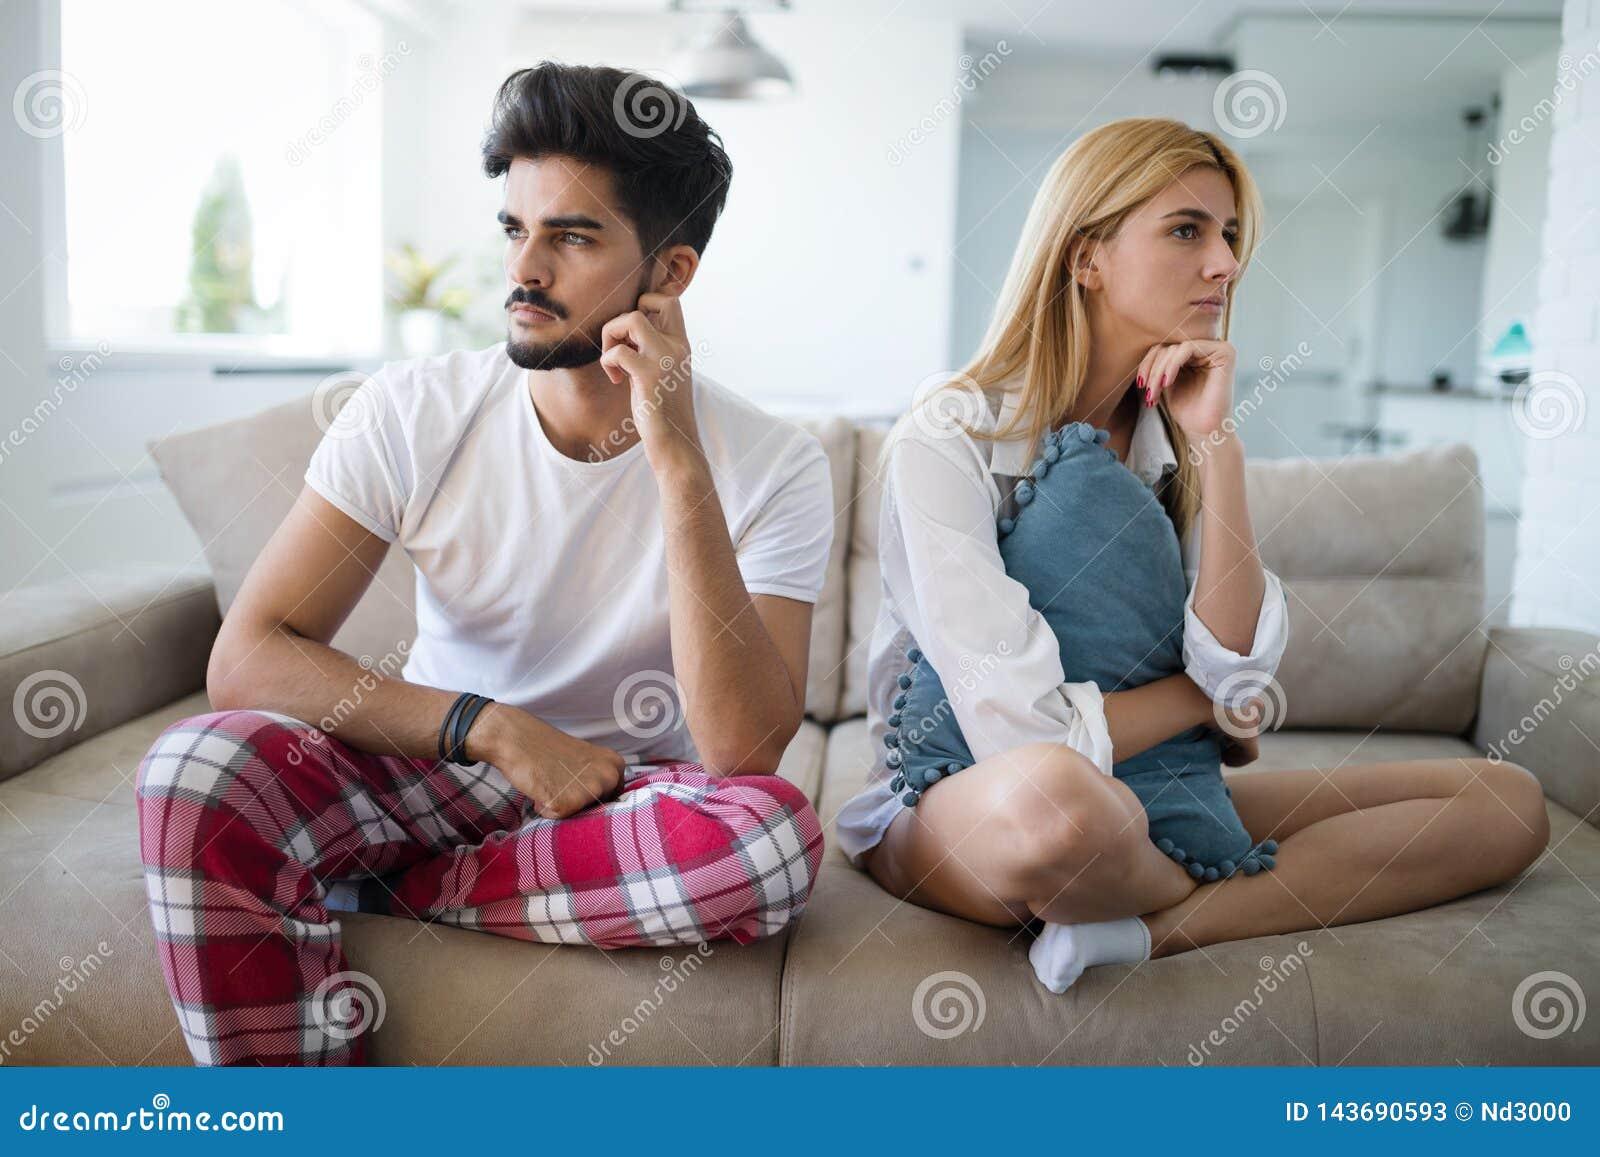 Pareja casada infeliz en el borde del divorcio debido a la impotencia